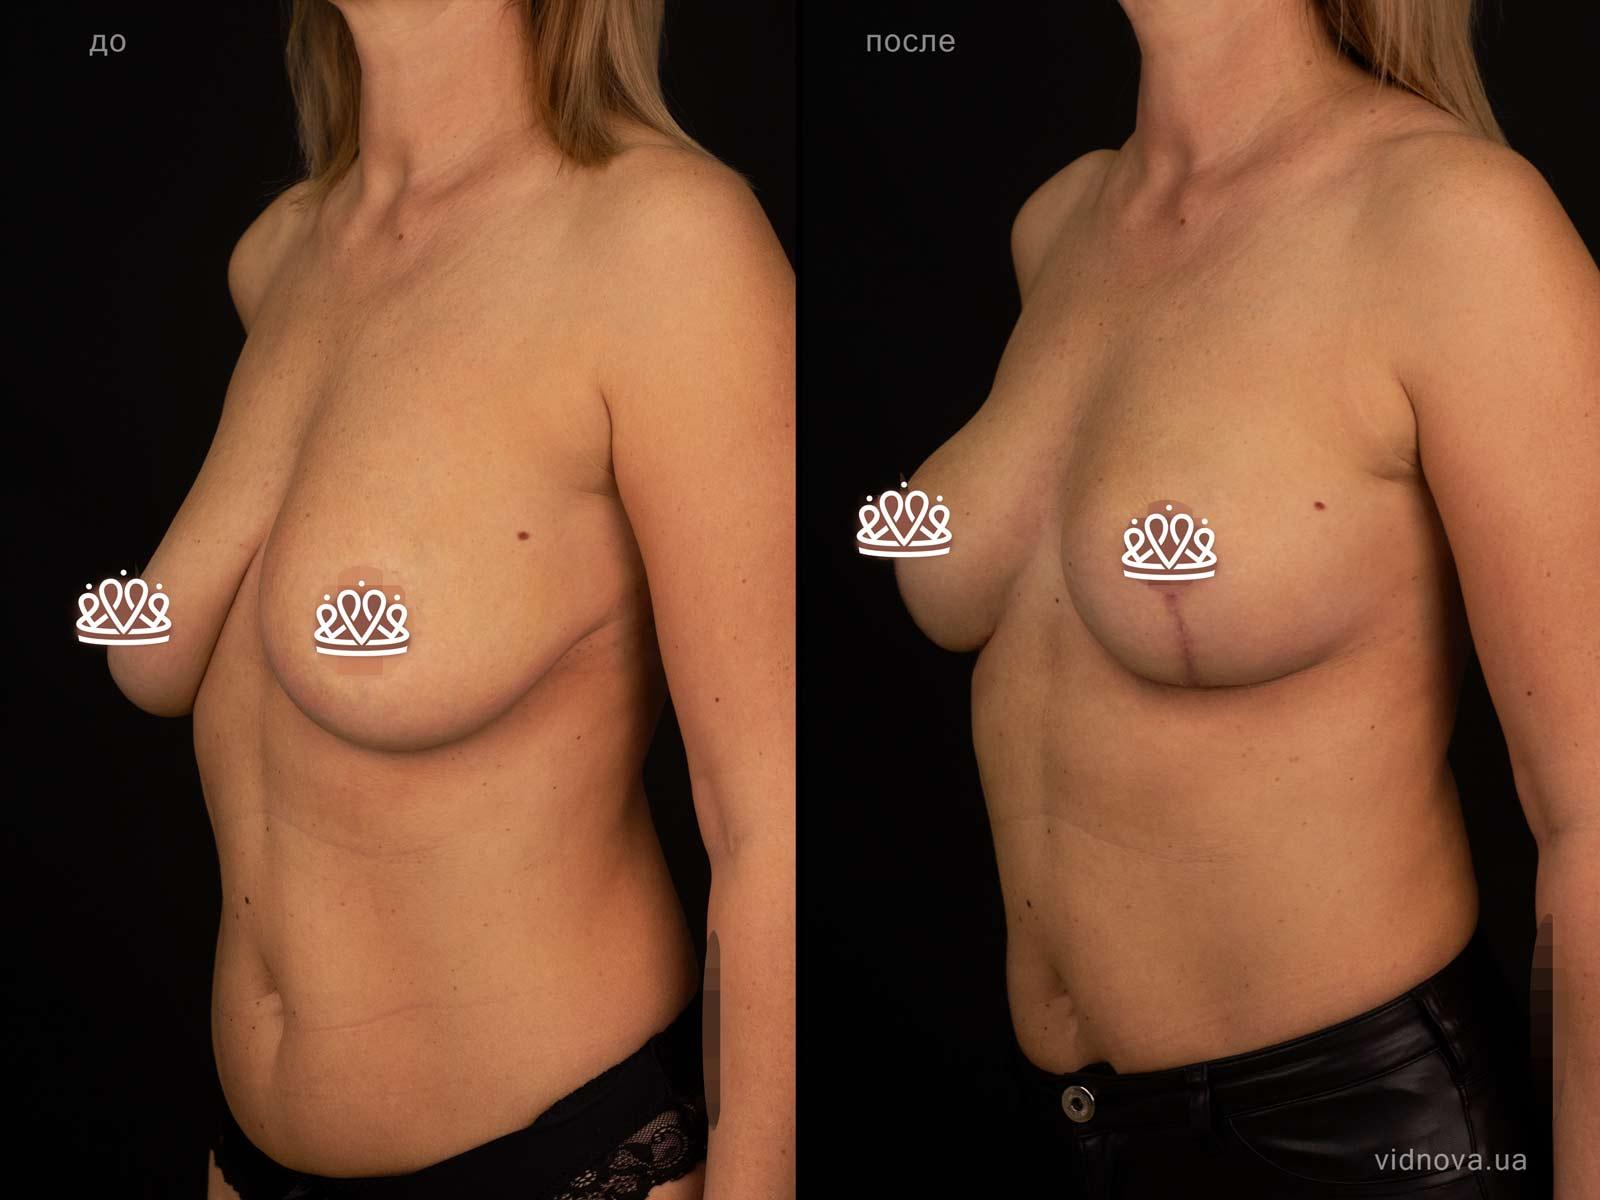 Пластика груди: результаты до и после - Пример №124-1 - Светлана Работенко